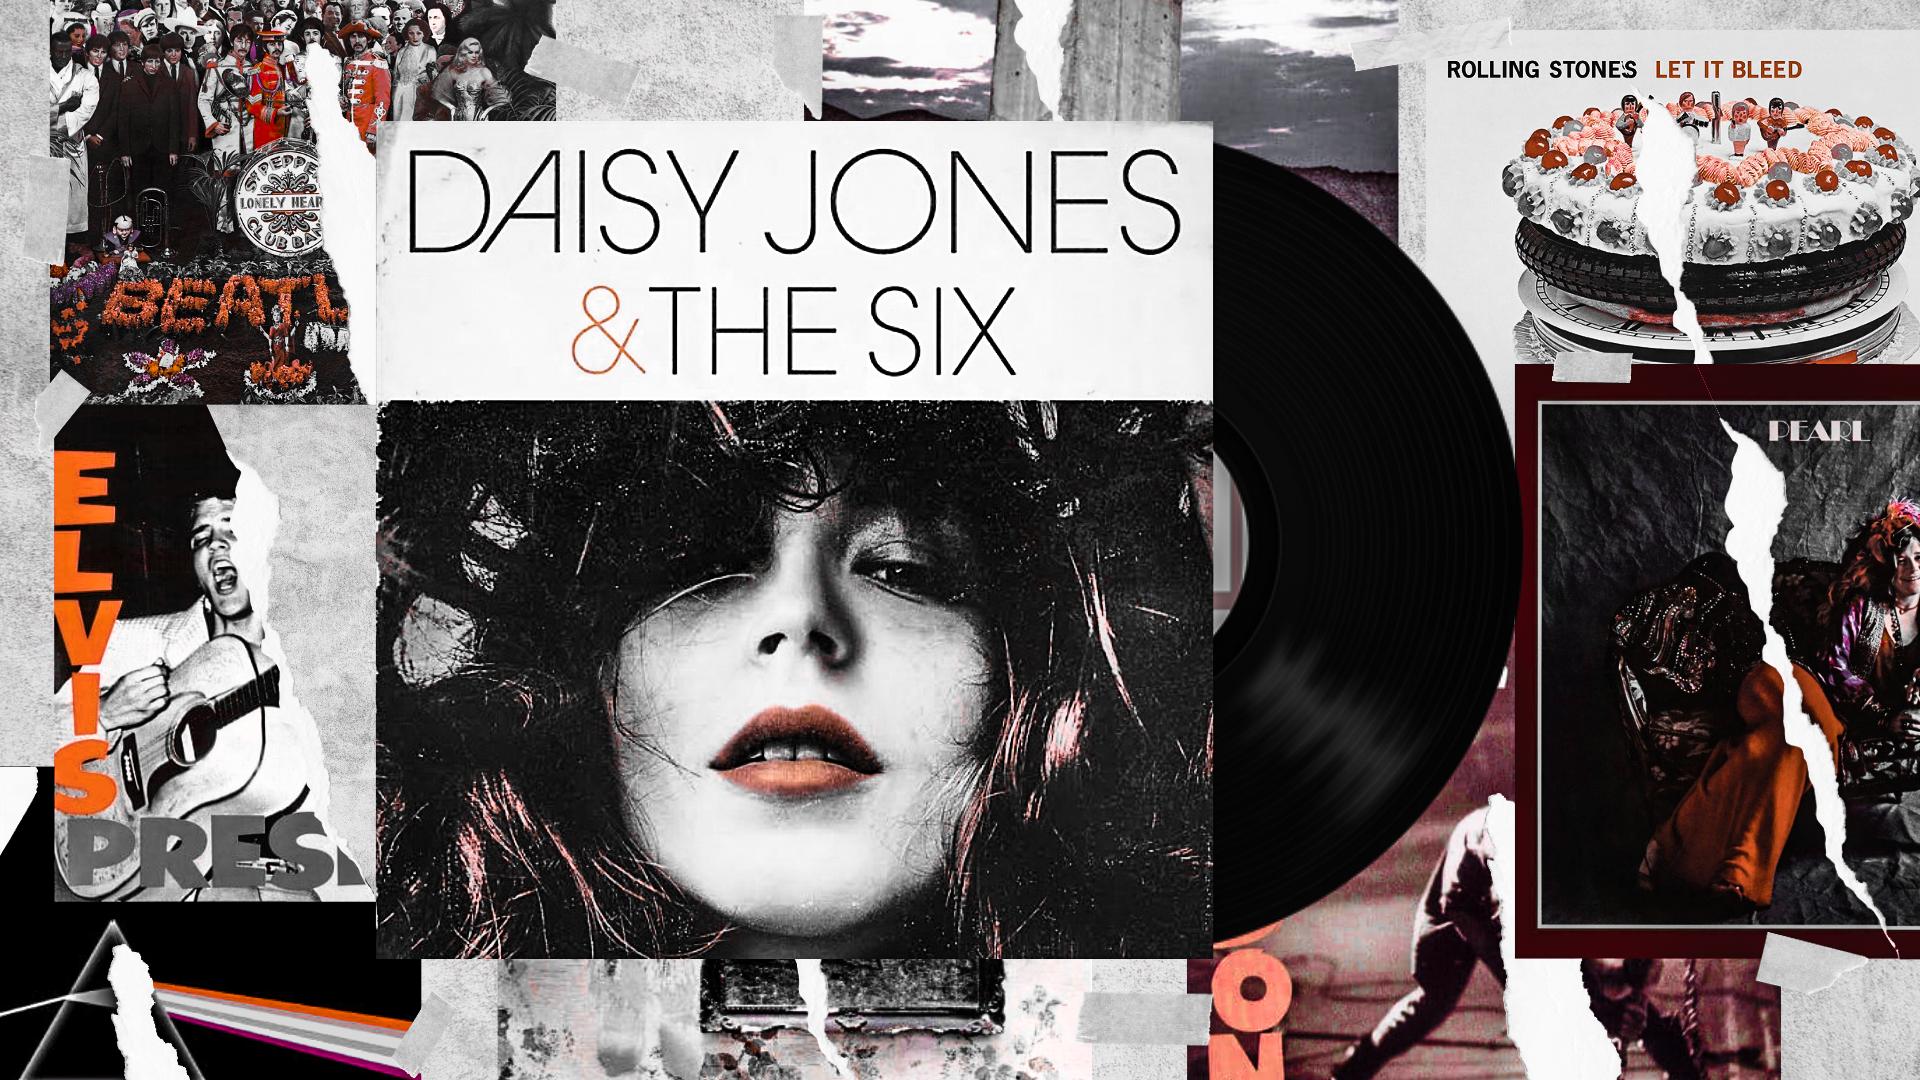 A imagem é uma colagem de diversas capas de álbuns rasgadas. No centro, a capa de Daisy Jones & The Six está escrita em letras pretas, e embaixo está o rosto de uma mulher branca com nariz fino e batom vermelho.